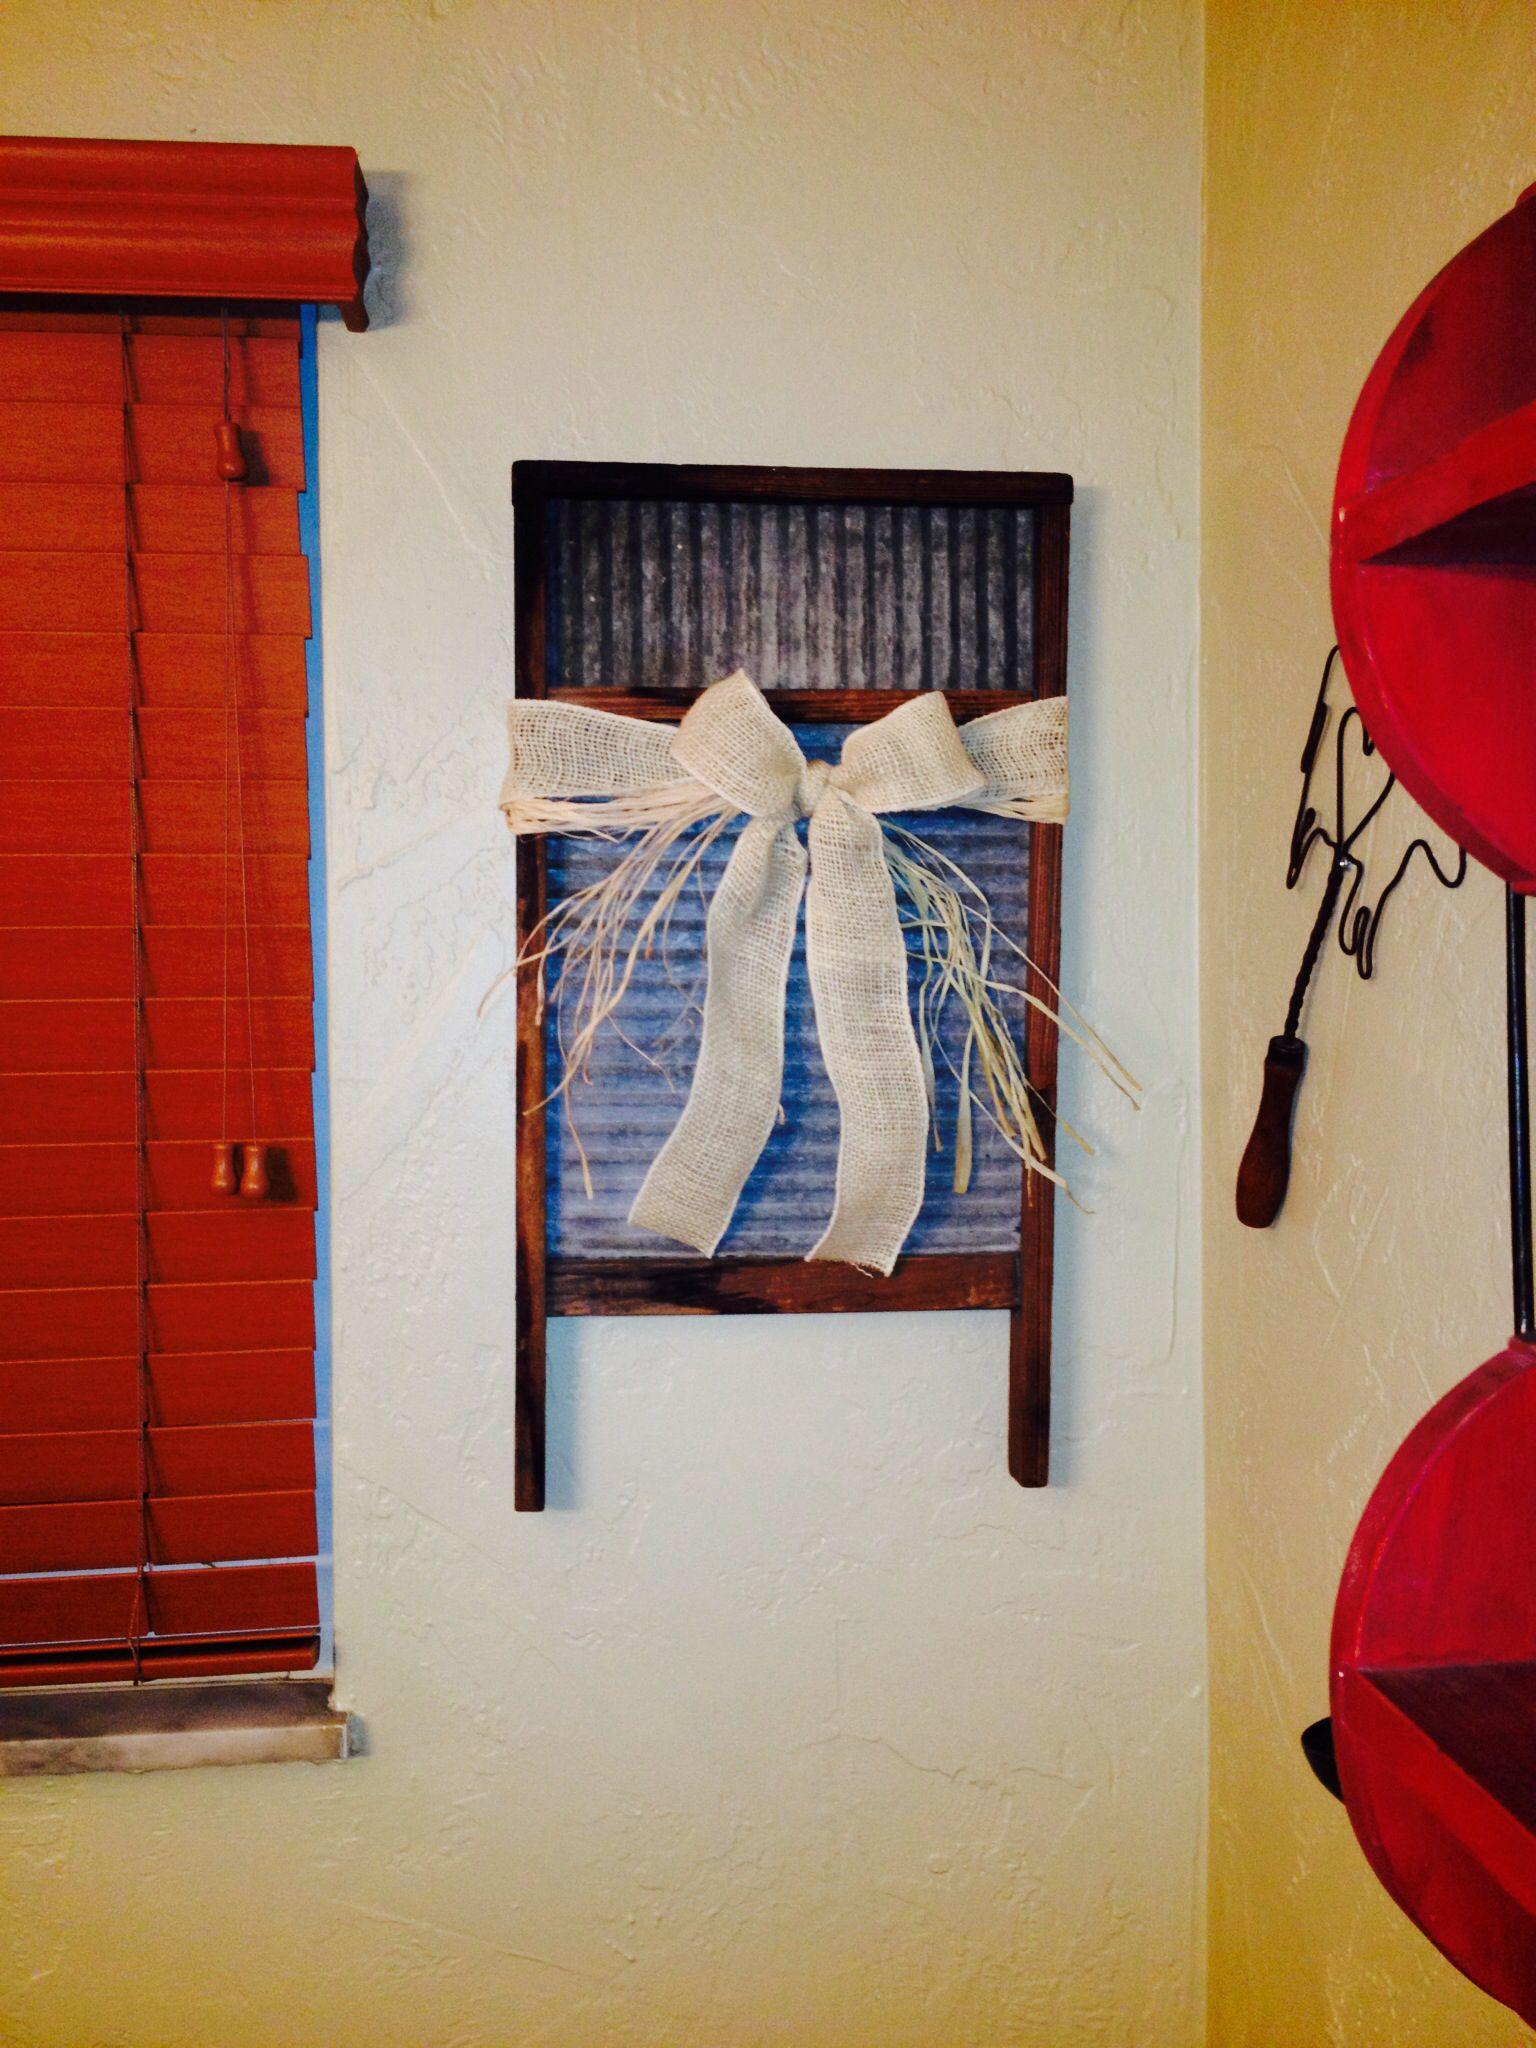 Country decor - wash board